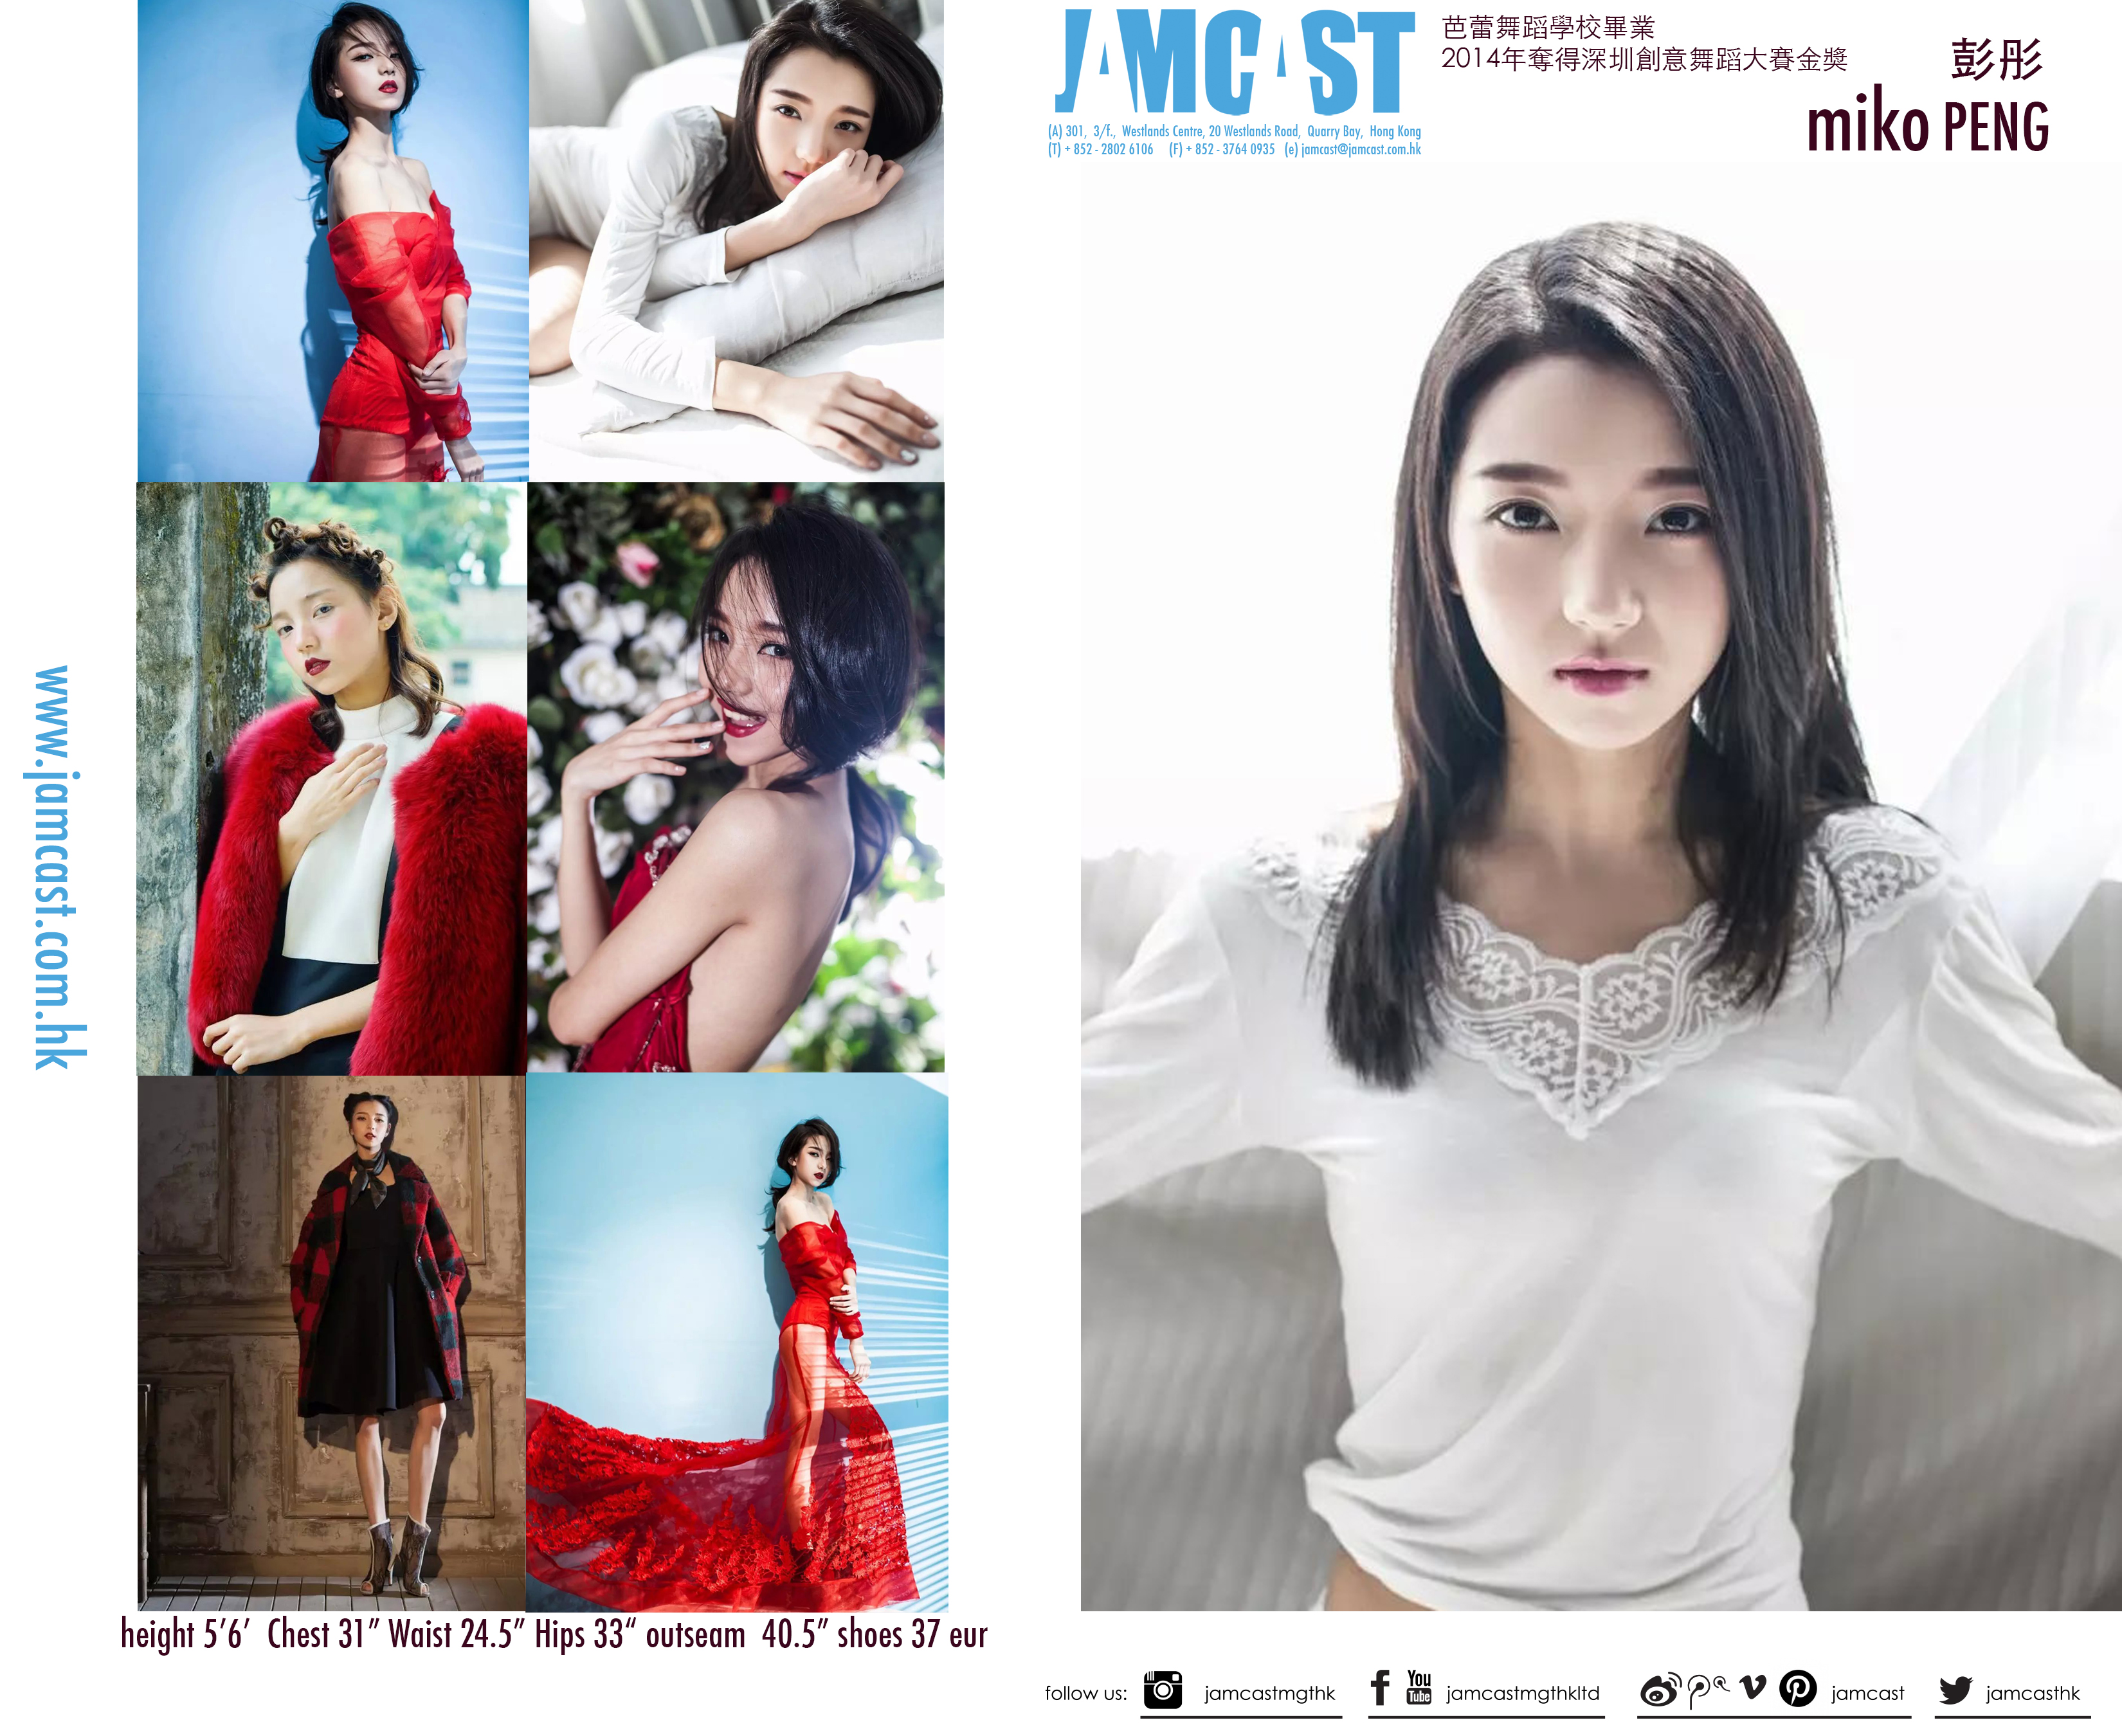 Miko Peng Card